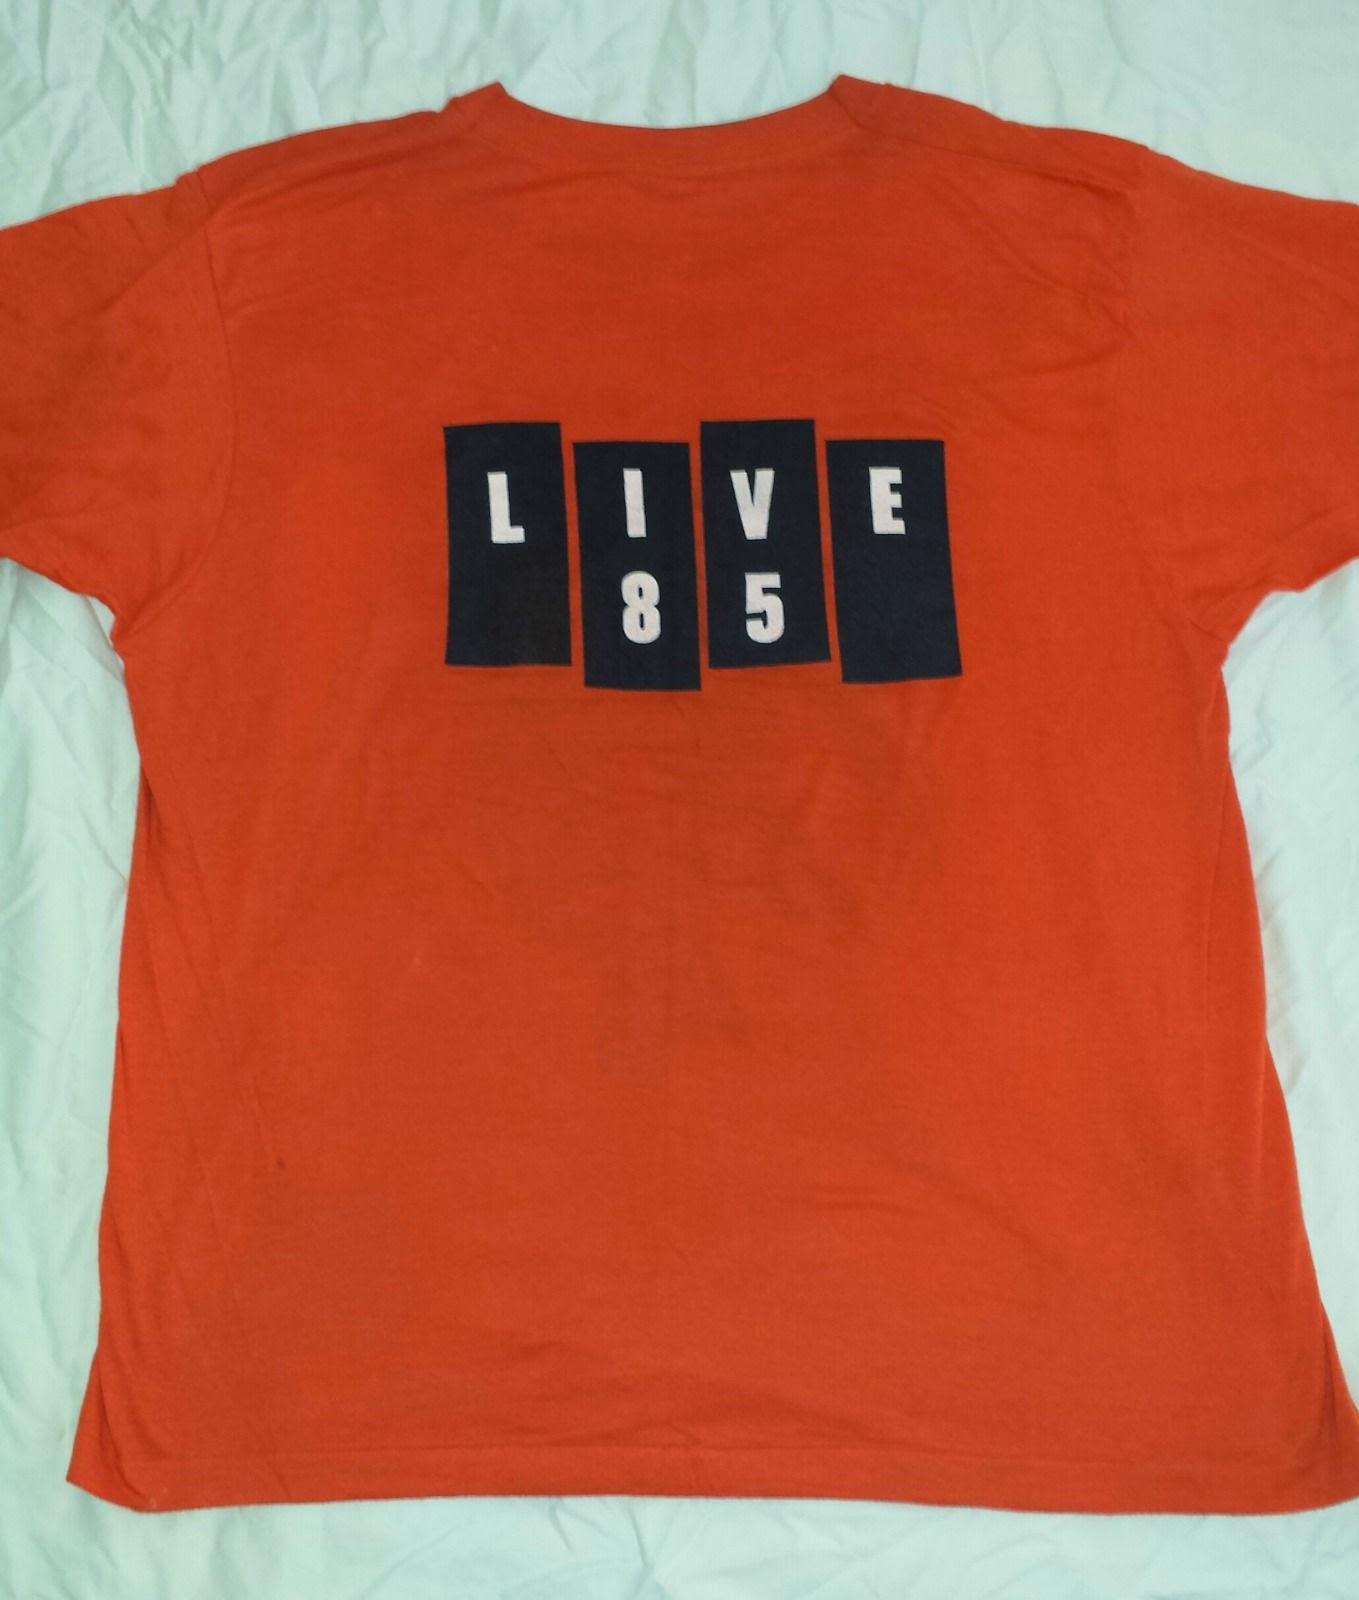 Black flag t shirt vintage - Black Flag 1985 Vintage Loose Nut Tour T Shirt